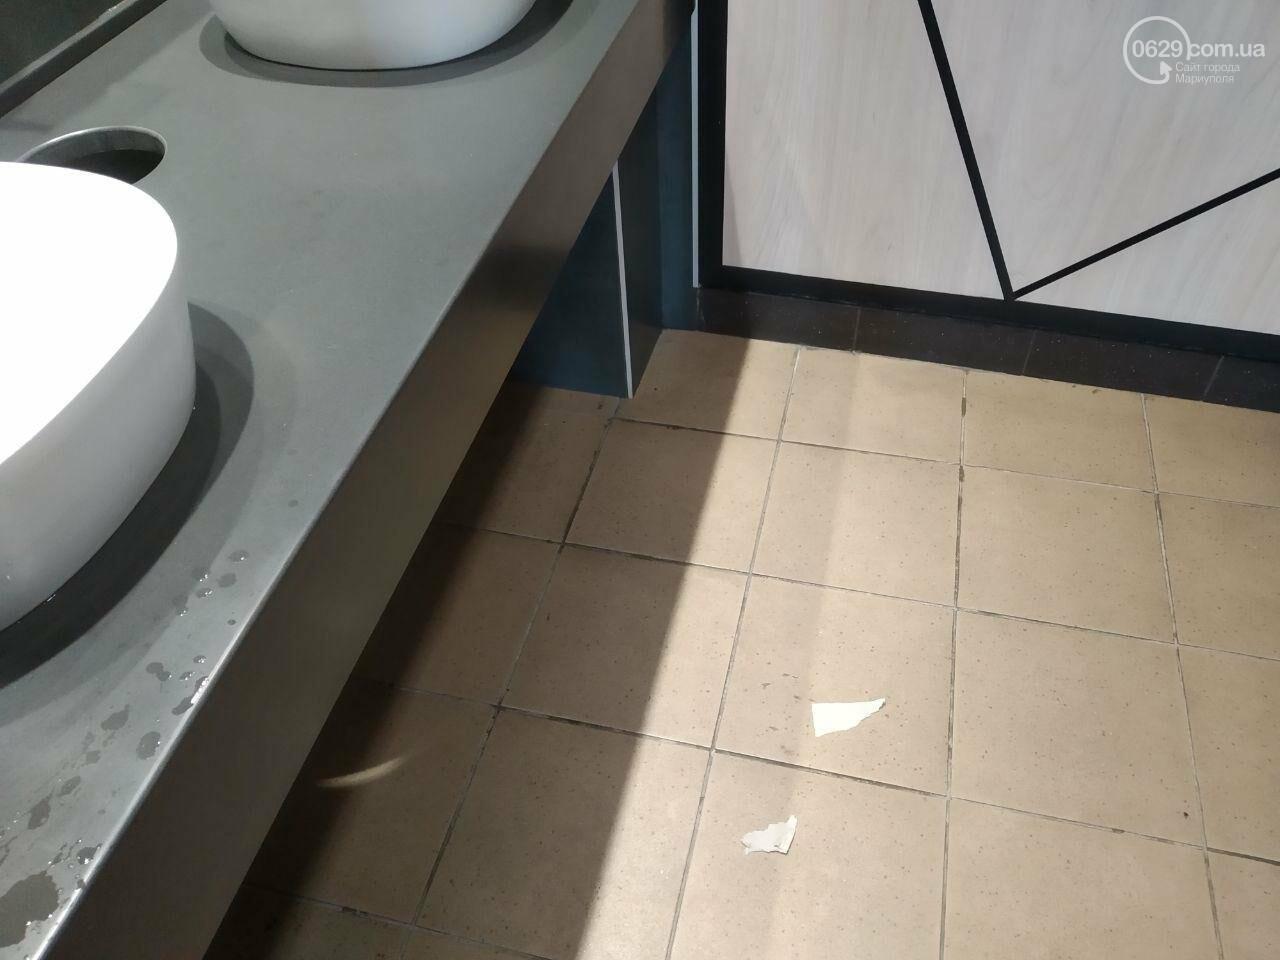 Тайный покупатель проверил кафе домашней кухни Citrus в Мариуполе, - ФОТО, фото-15